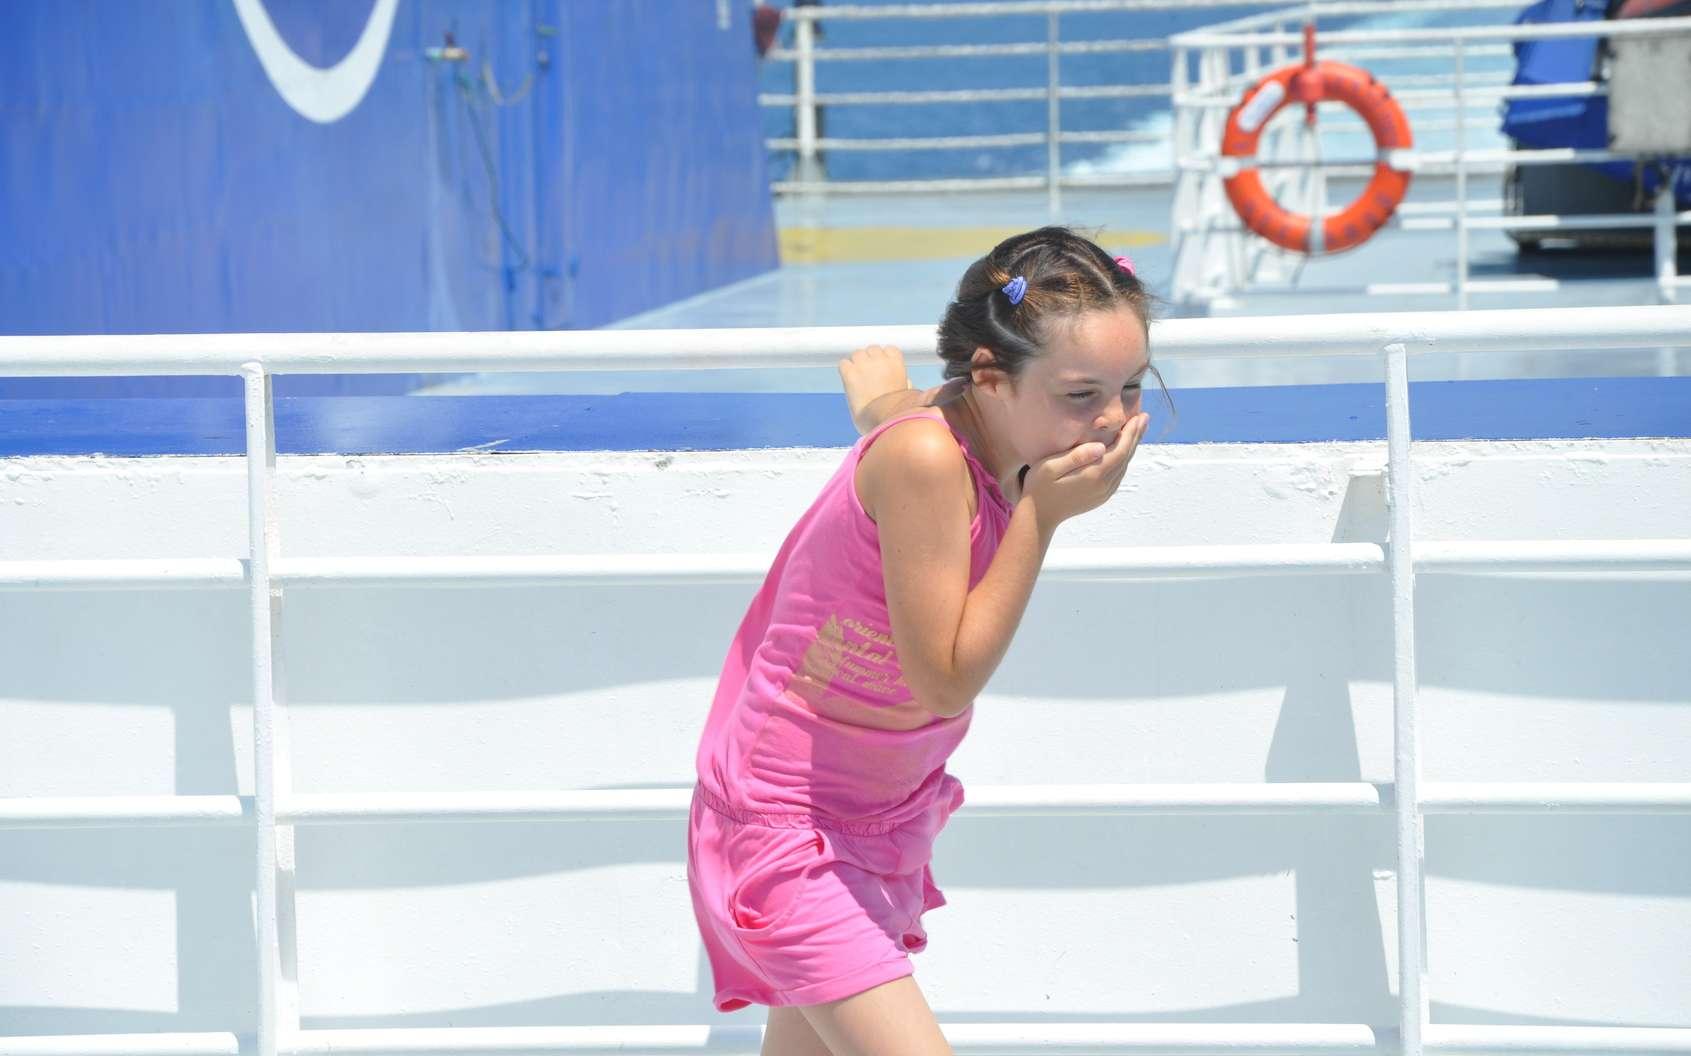 Le mal de mer concerne particulièrement les enfants âgés de 3 à 12 ans. © Claireliot, Fotolia